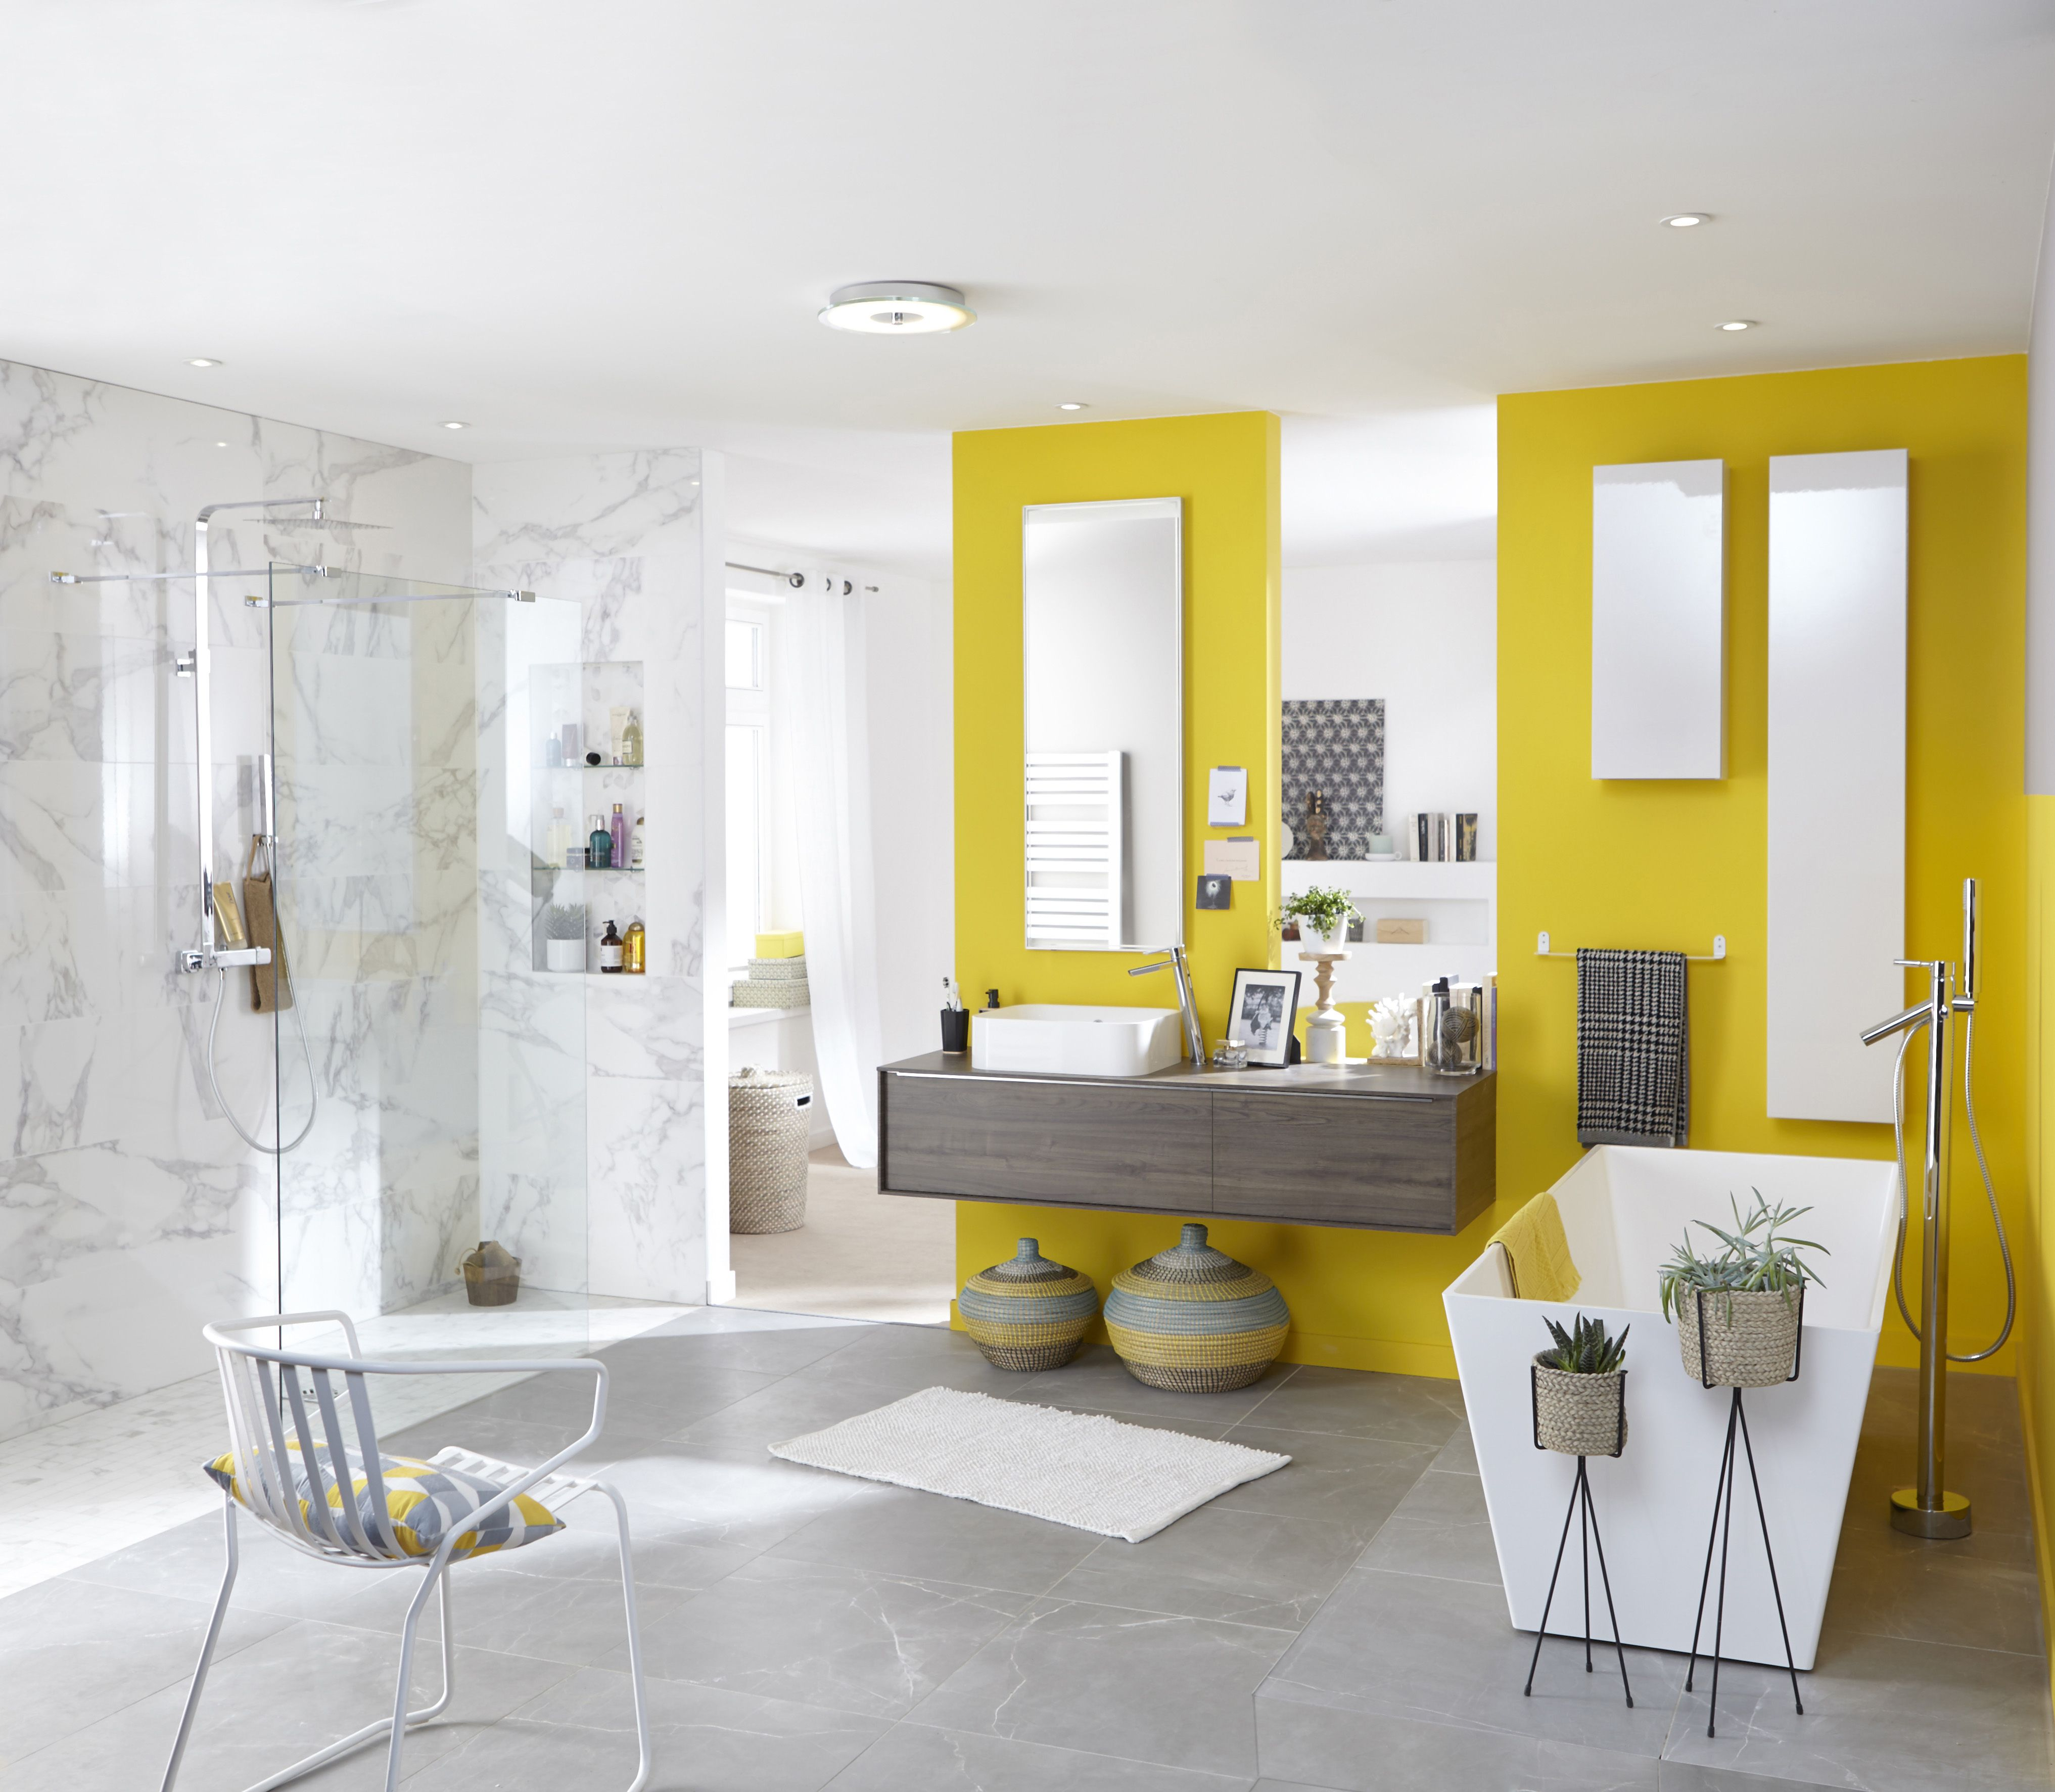 Emaux De Verre Salle De Bain ~ salle de bains grise et jaune avec carrelage sol et mur effet marbre